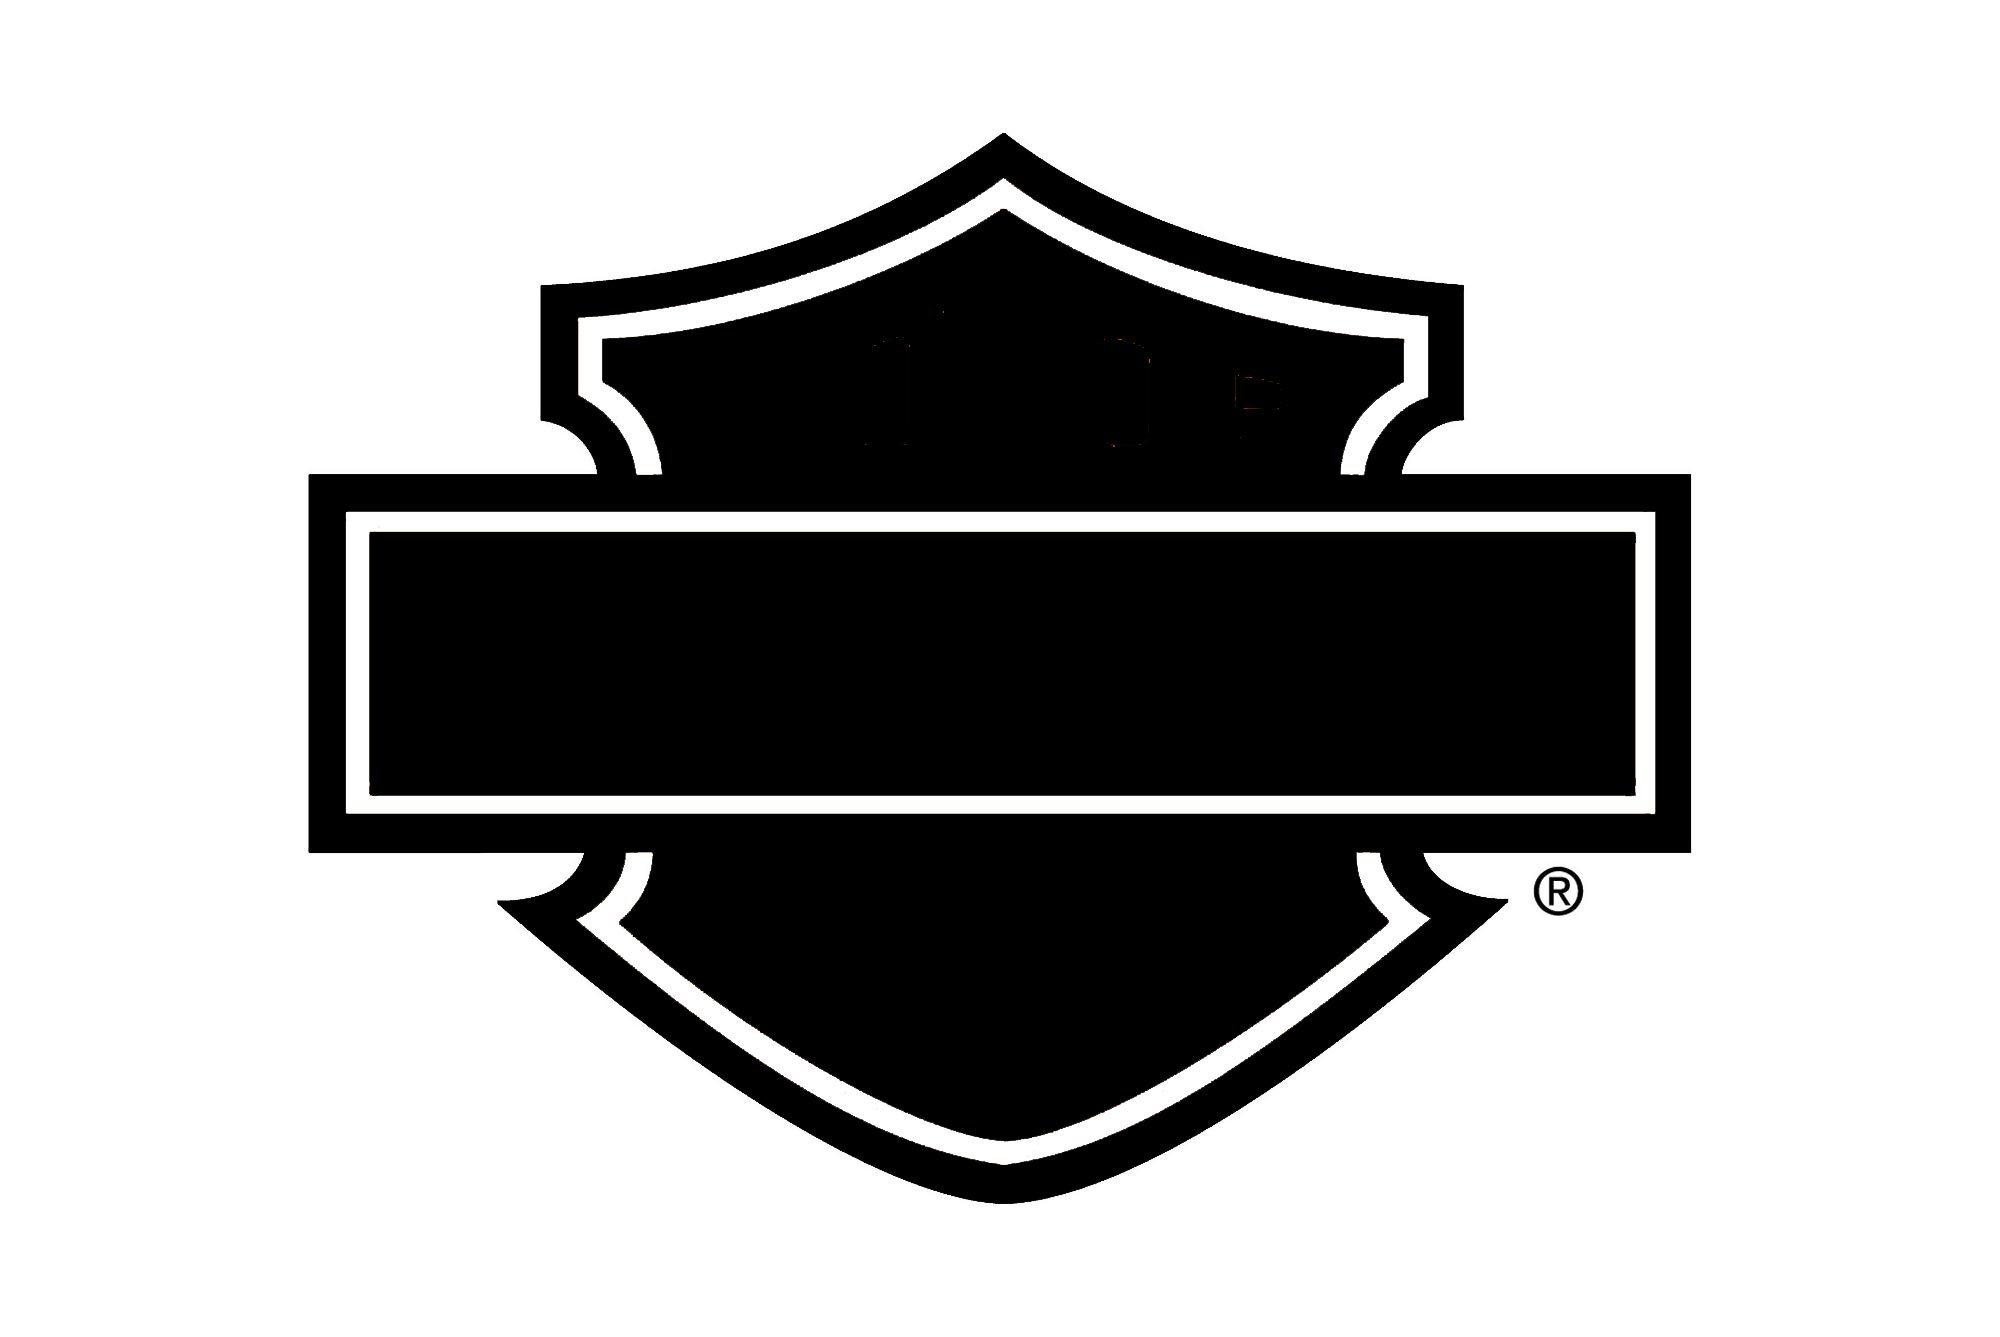 Blank harley davidson Logos.